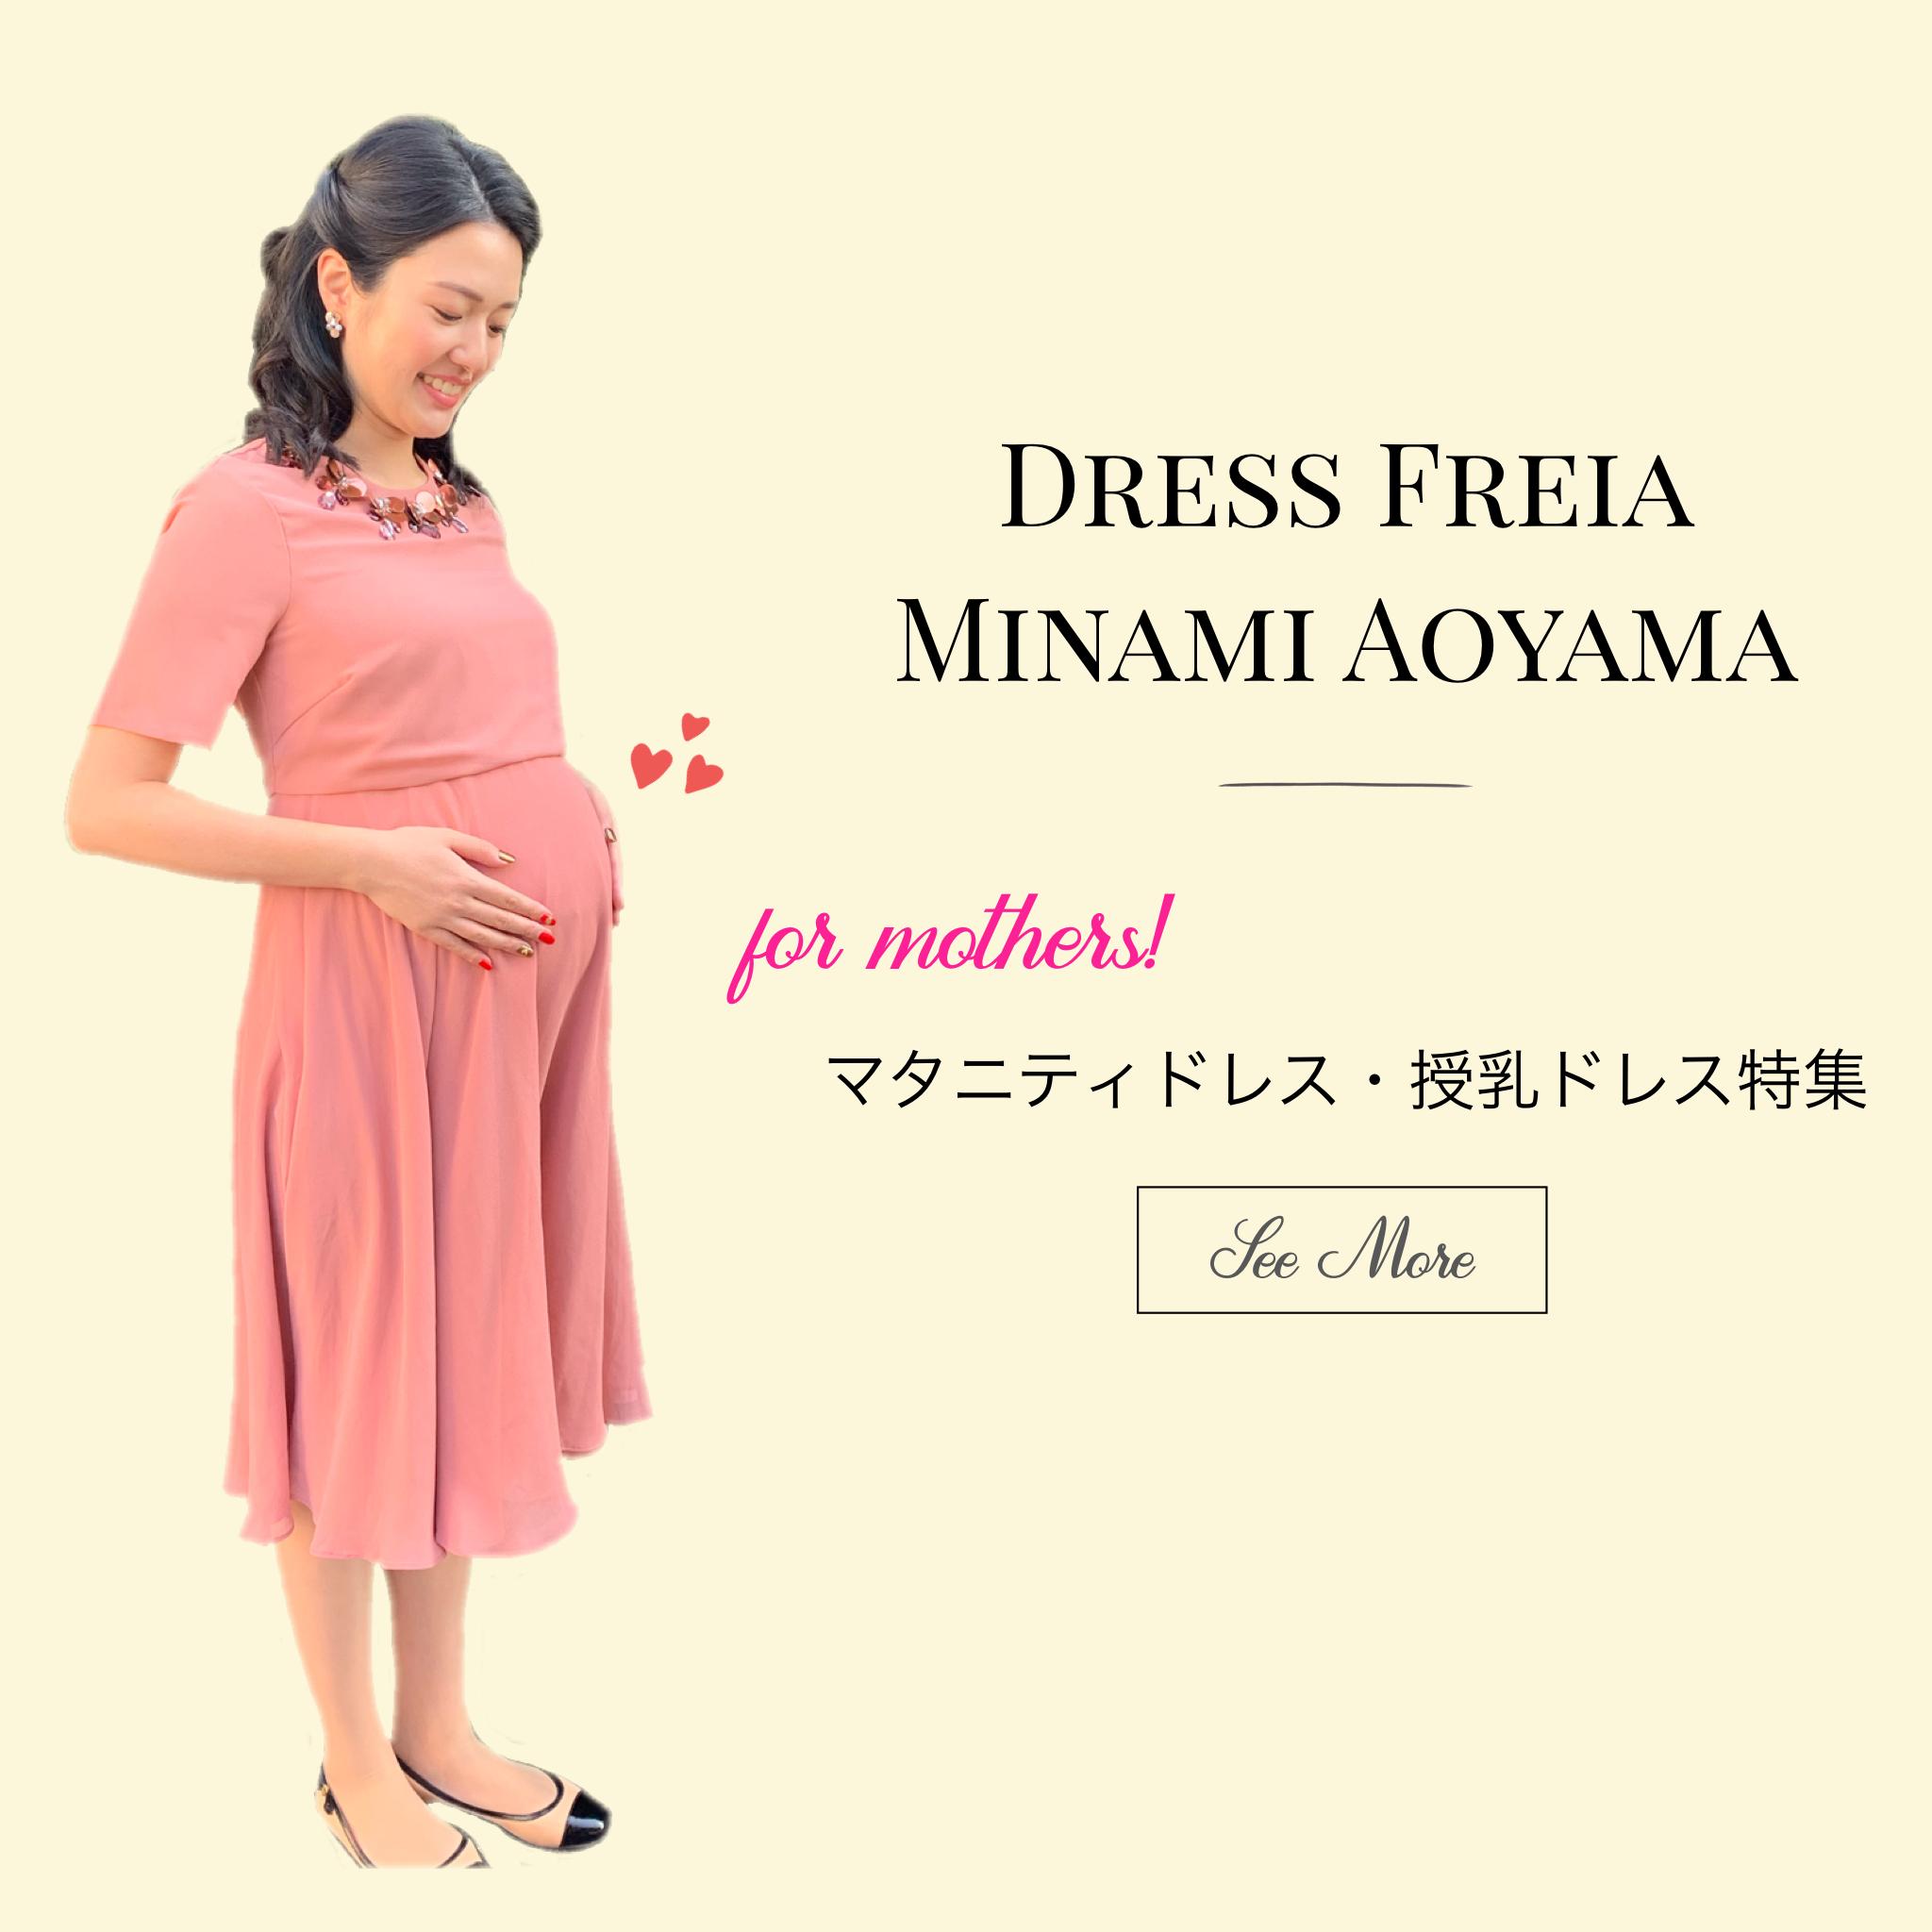 マタニティ・授乳ドレス特集